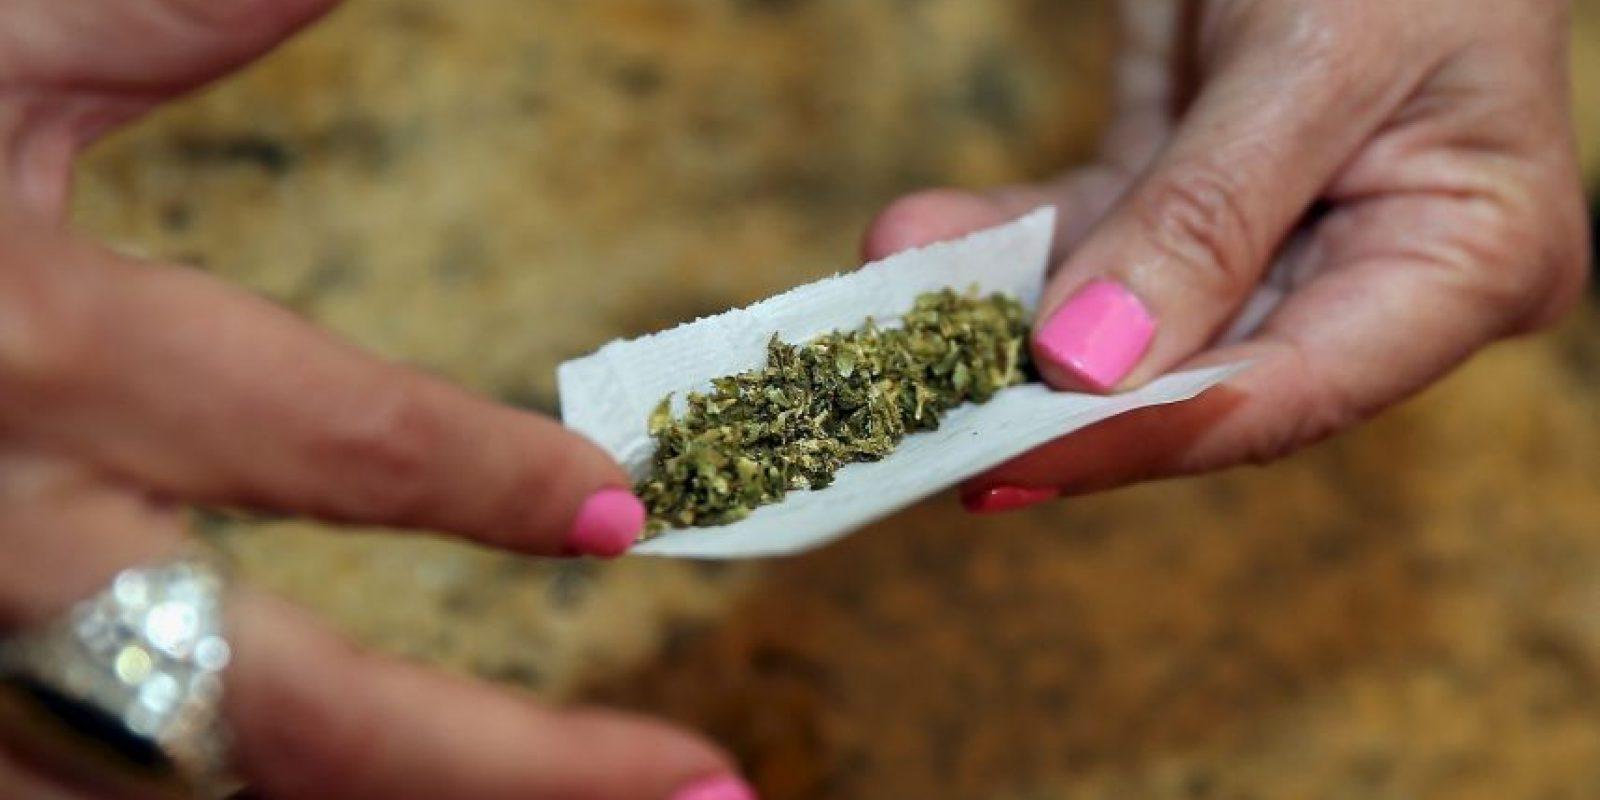 El tráfico de marihuana está en marcha desde los EE.UU. a México, debido a una mayor calidad del producto Foto:Getty